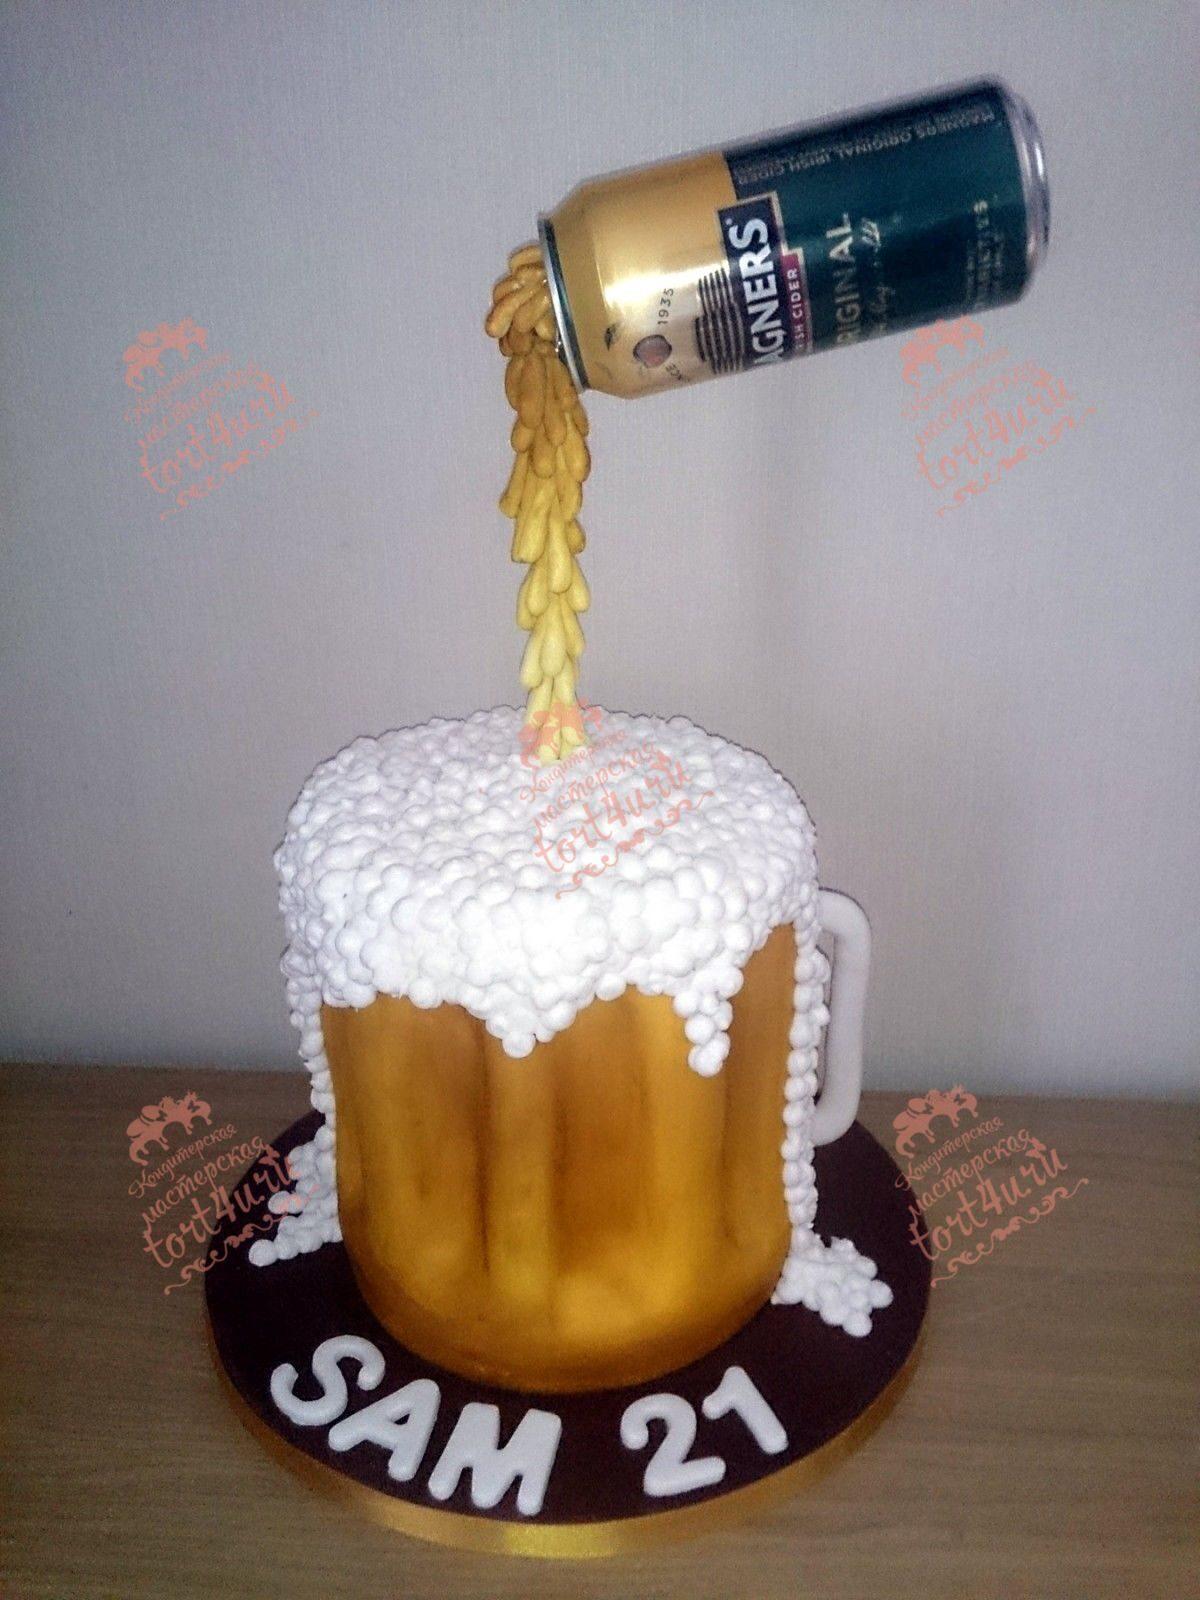 использовать пиво в виде торта фото словам екатерины